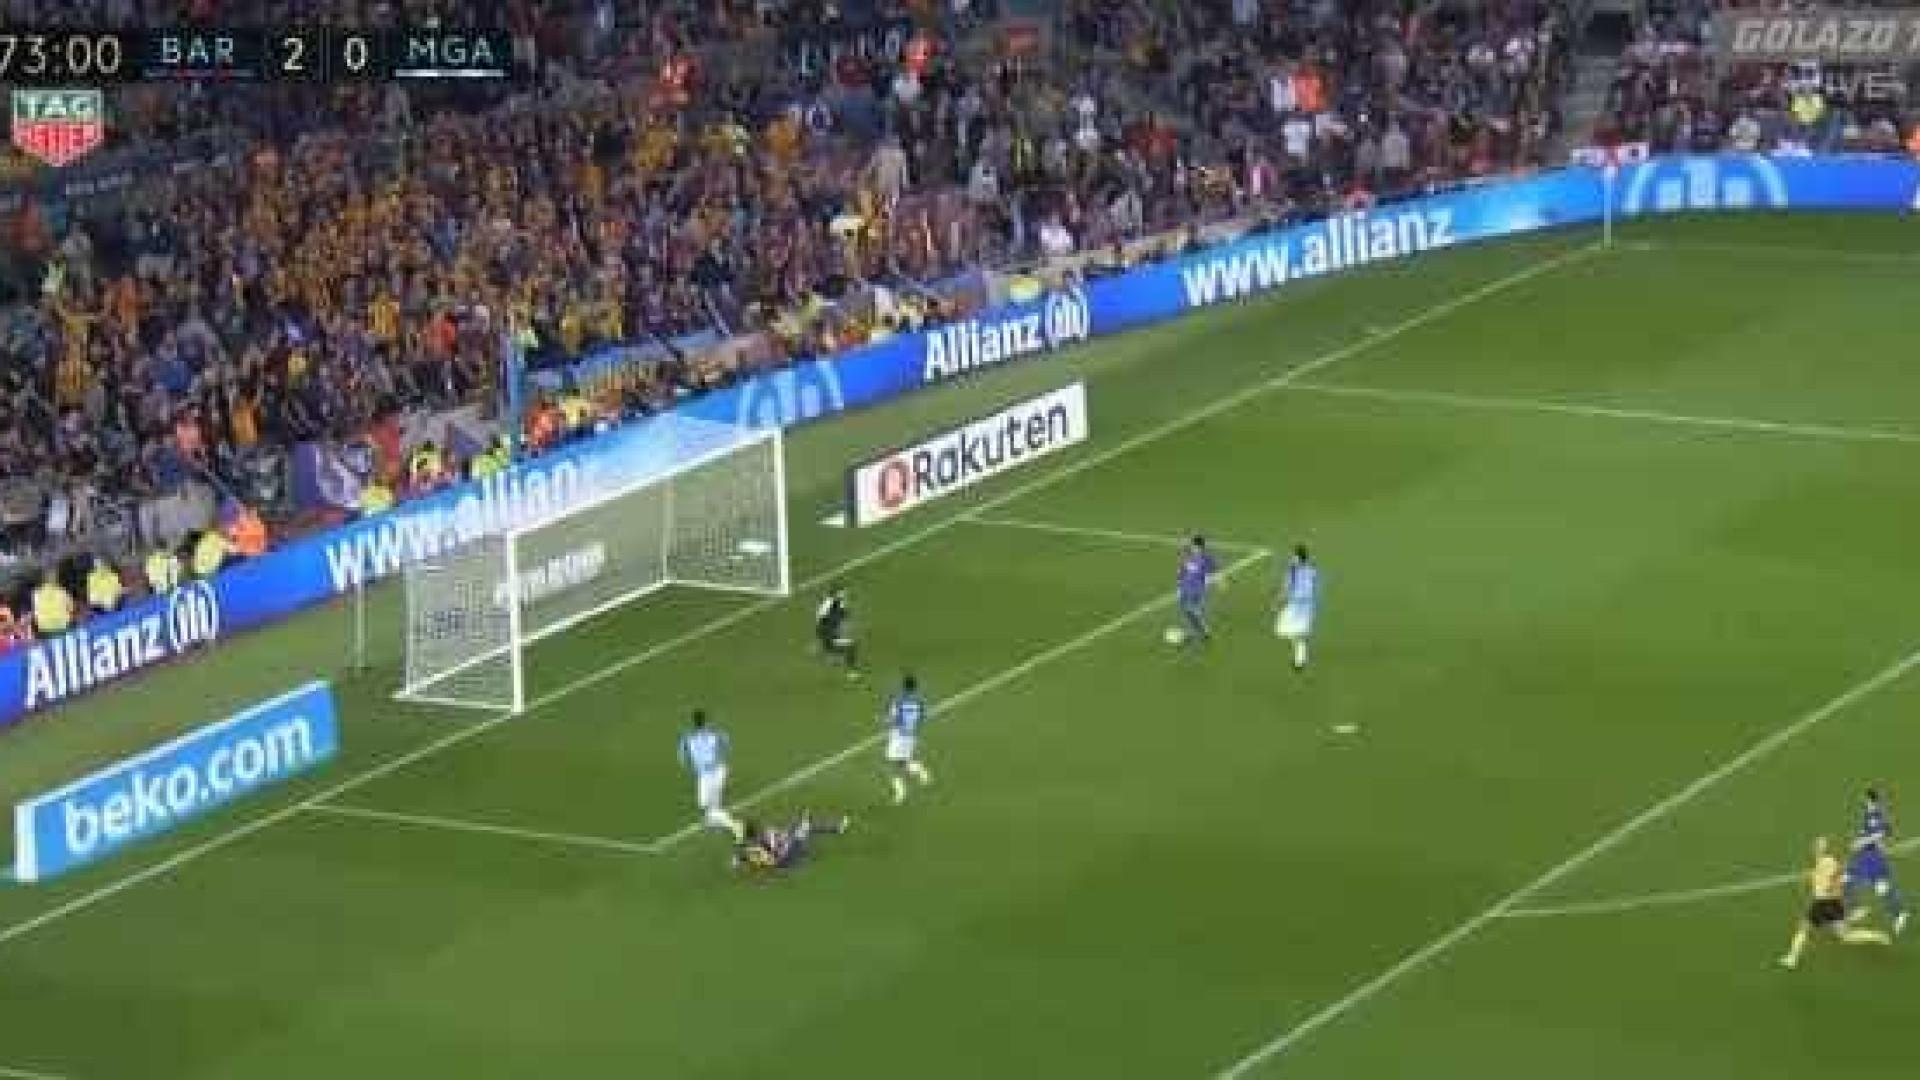 Suárez nem queria acreditar no golo que acabara de desperdiçar